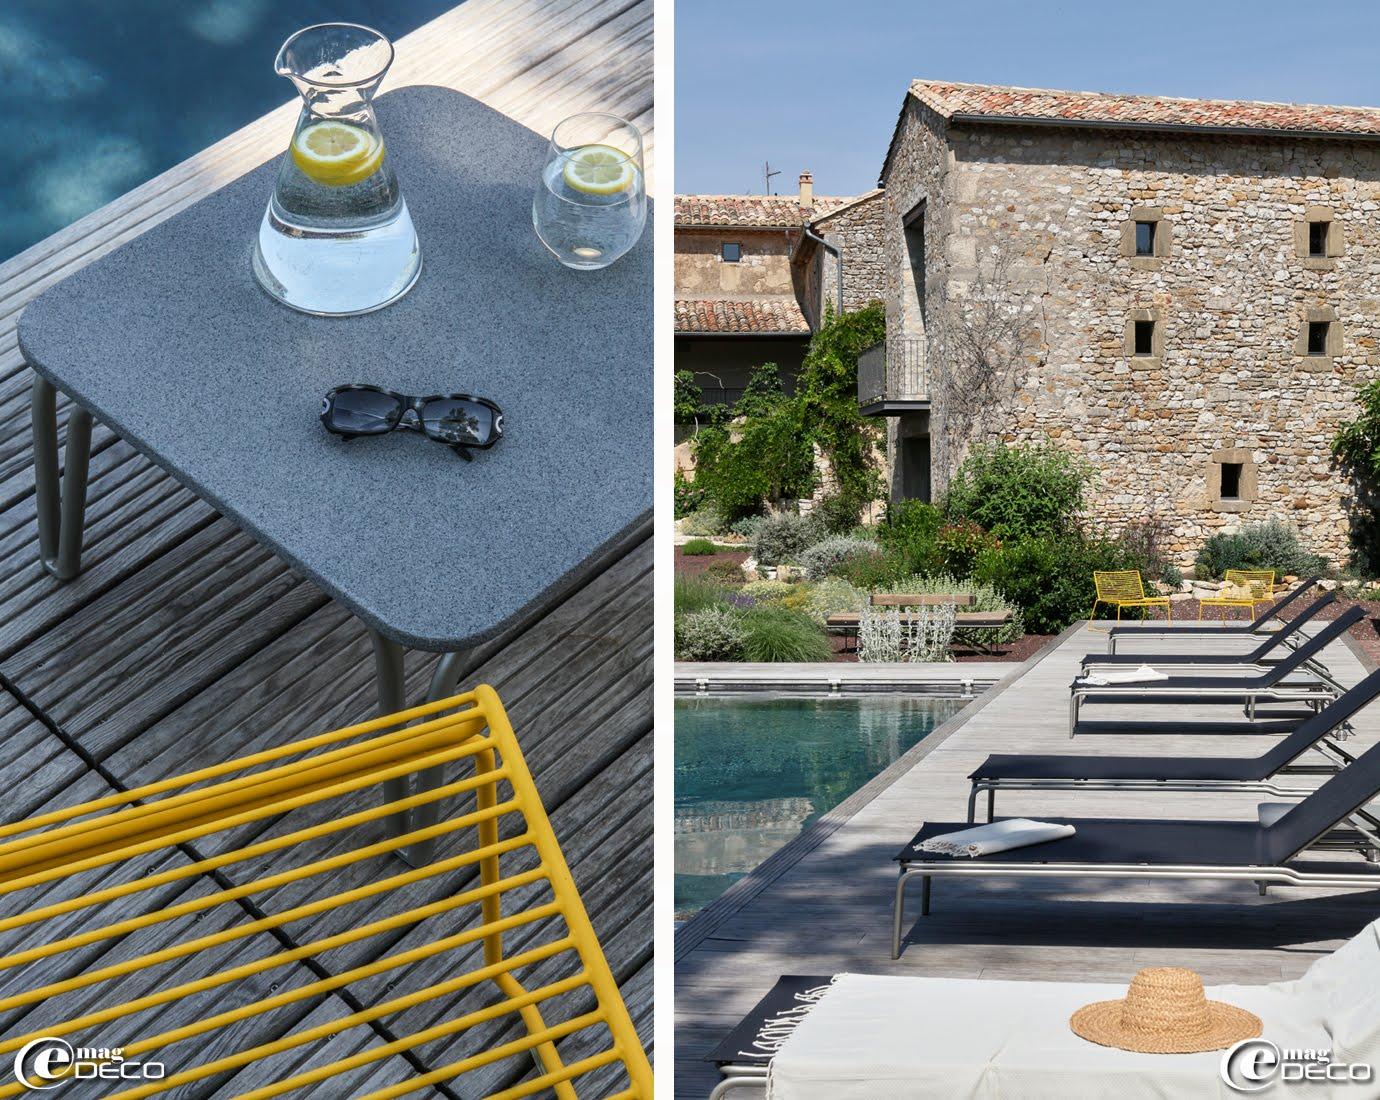 Fauteuils bas en fil d'acier inoxydable designés par Hee Welling pour HAY, La Maison d'Ulysse, maison d'hôtes à Baron dans le Gard